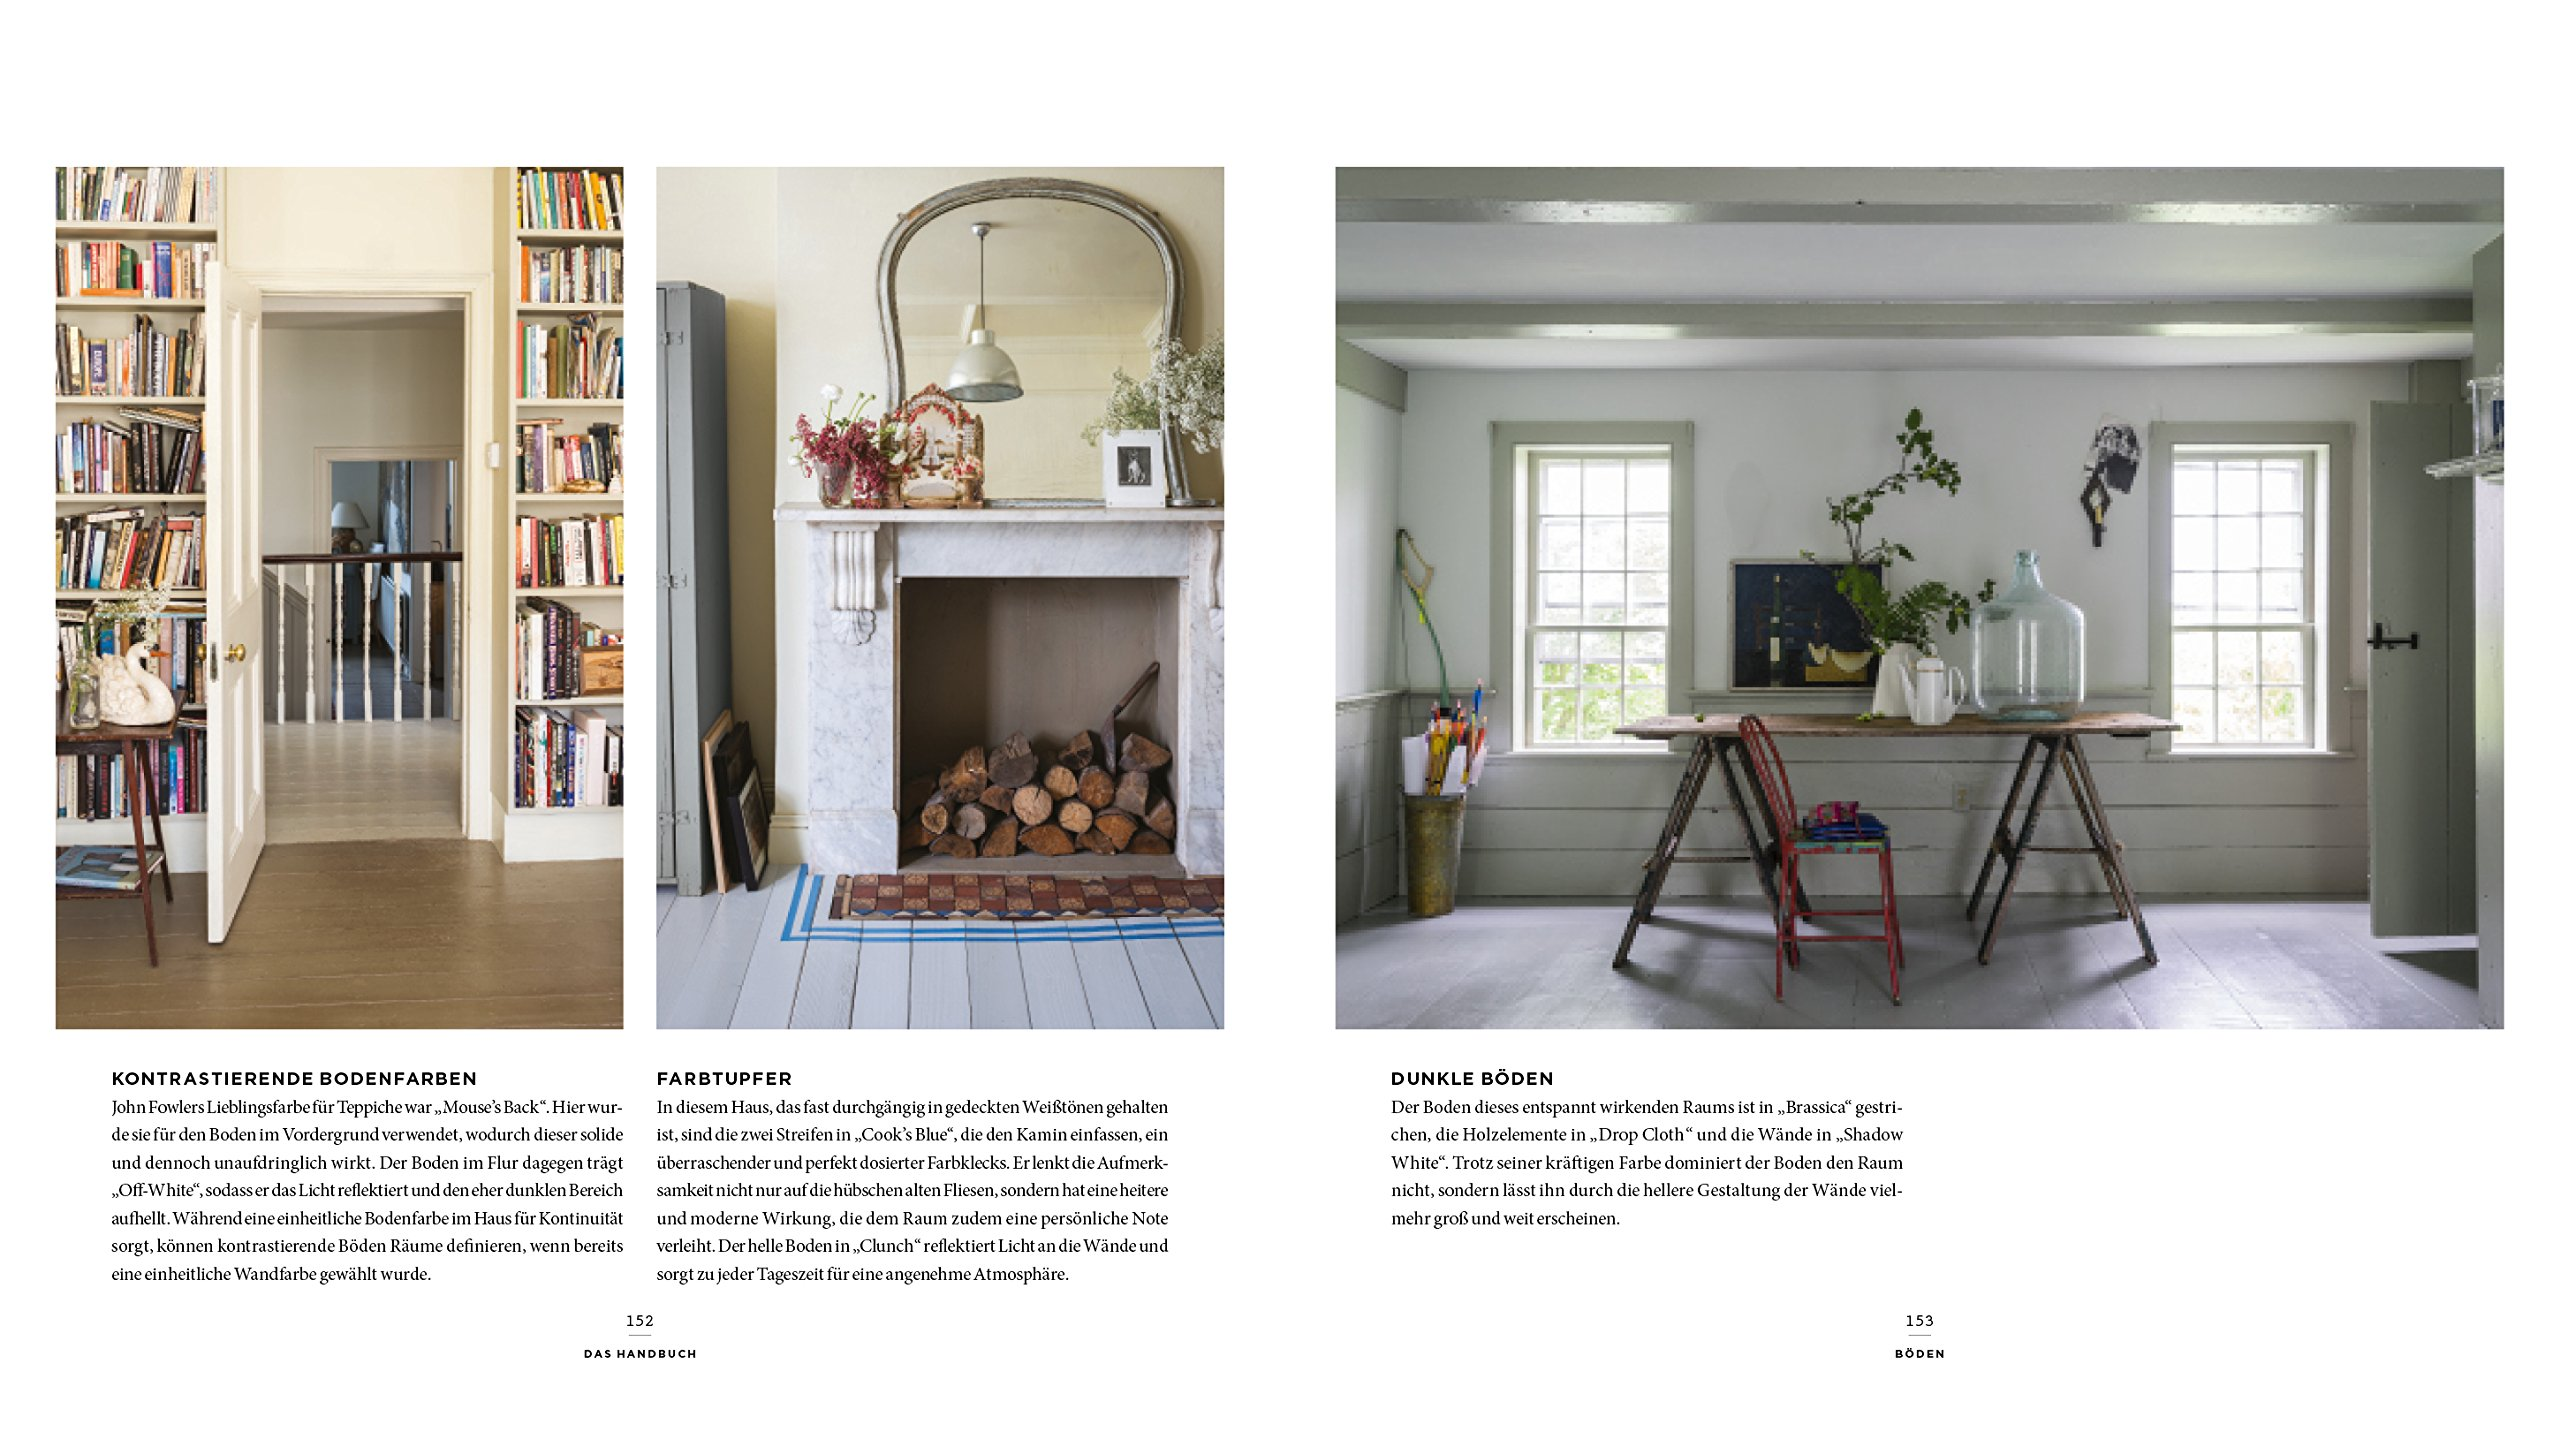 Stilvoll Wohnen Mit Farbe: Ideen Für Alle Räume. Inspirationen Für Möbel,  Wände Und Mehr: Amazon.de: Joa Studholme, Charlotte Cosby: Bücher